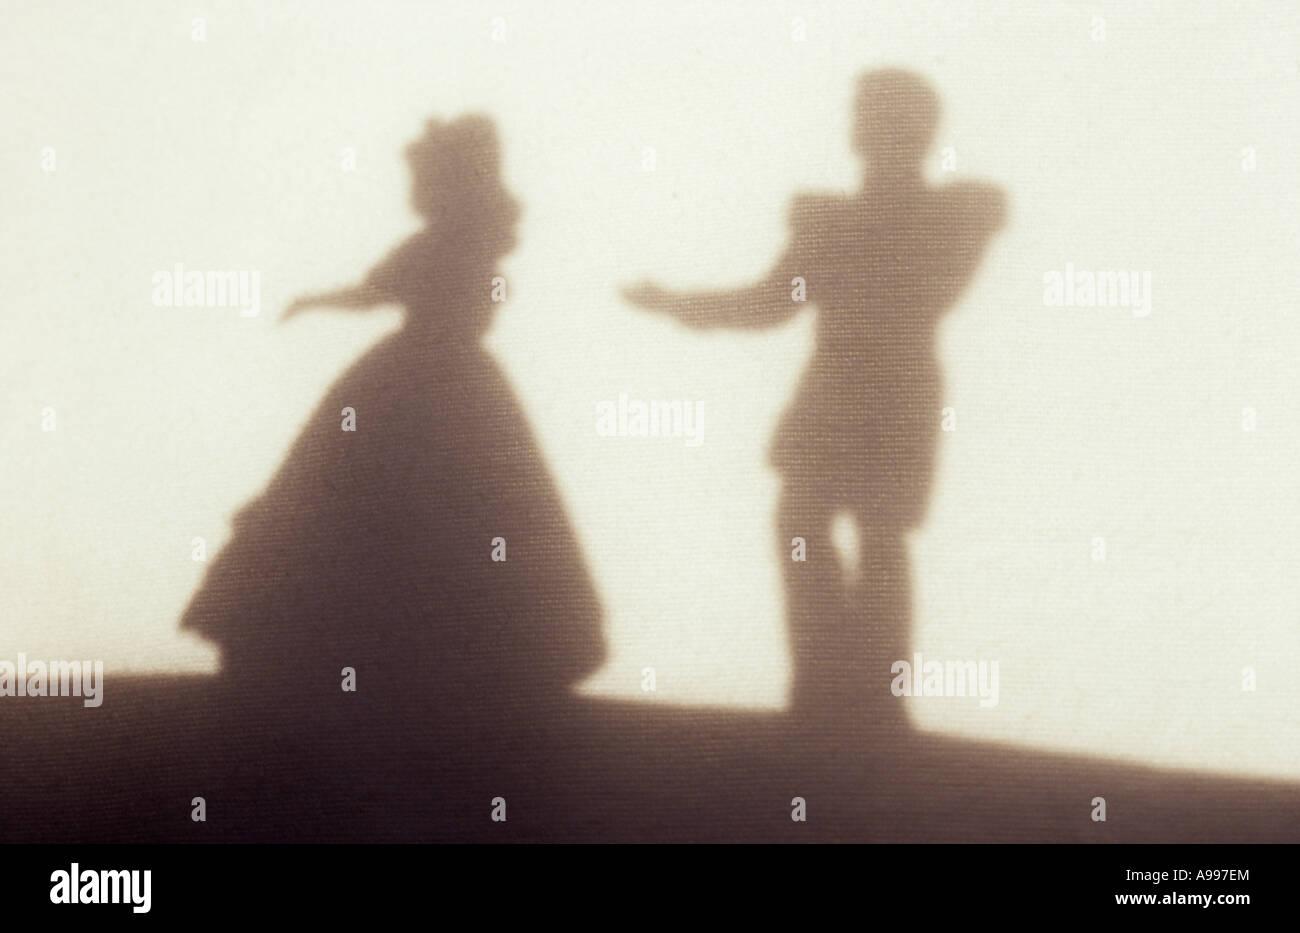 Pagina 1 di 16. Ombra nella luce calda sul panno pallido o tenda della donna  in palla abito essendo serenate b26739fe8ab